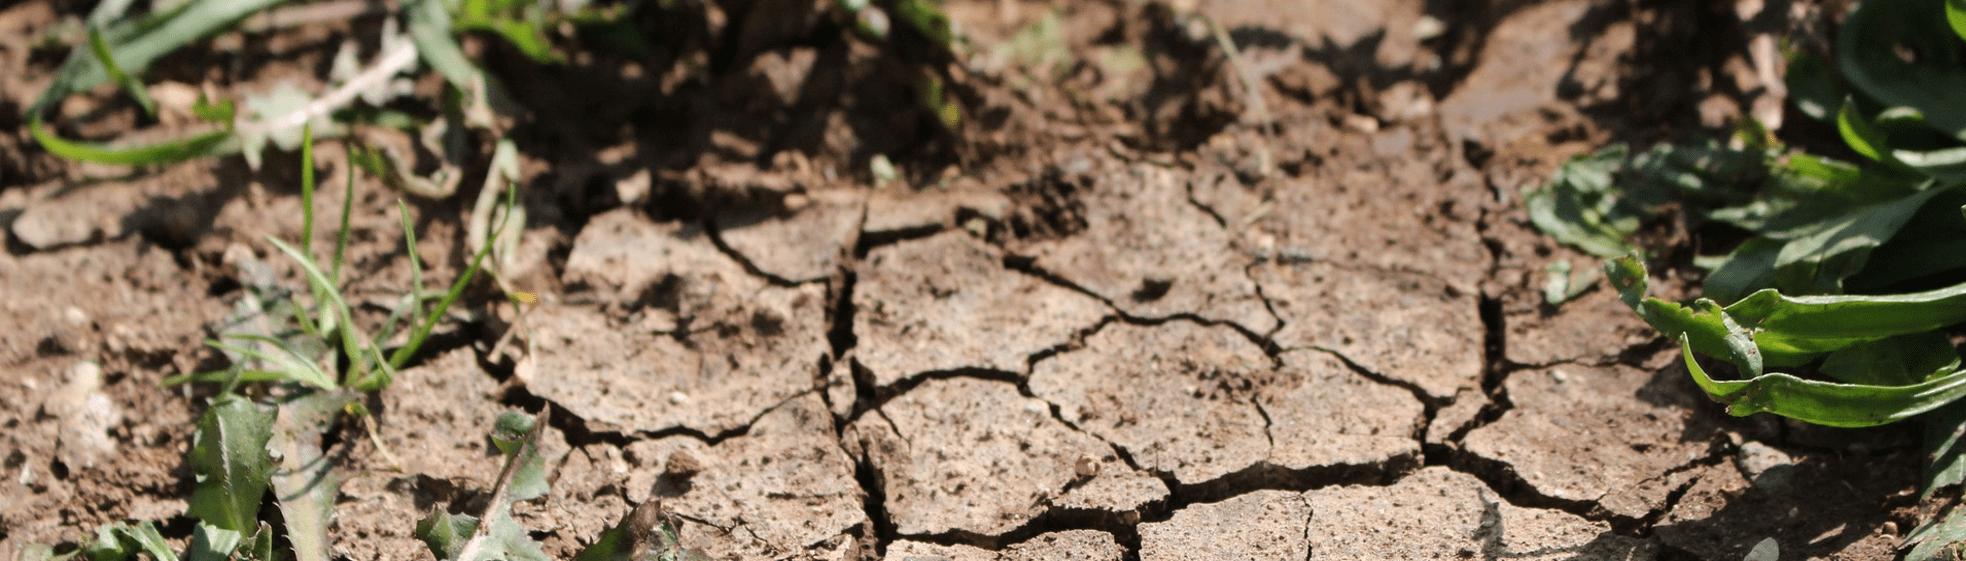 Verbeter de bodem bij langdurige droogte